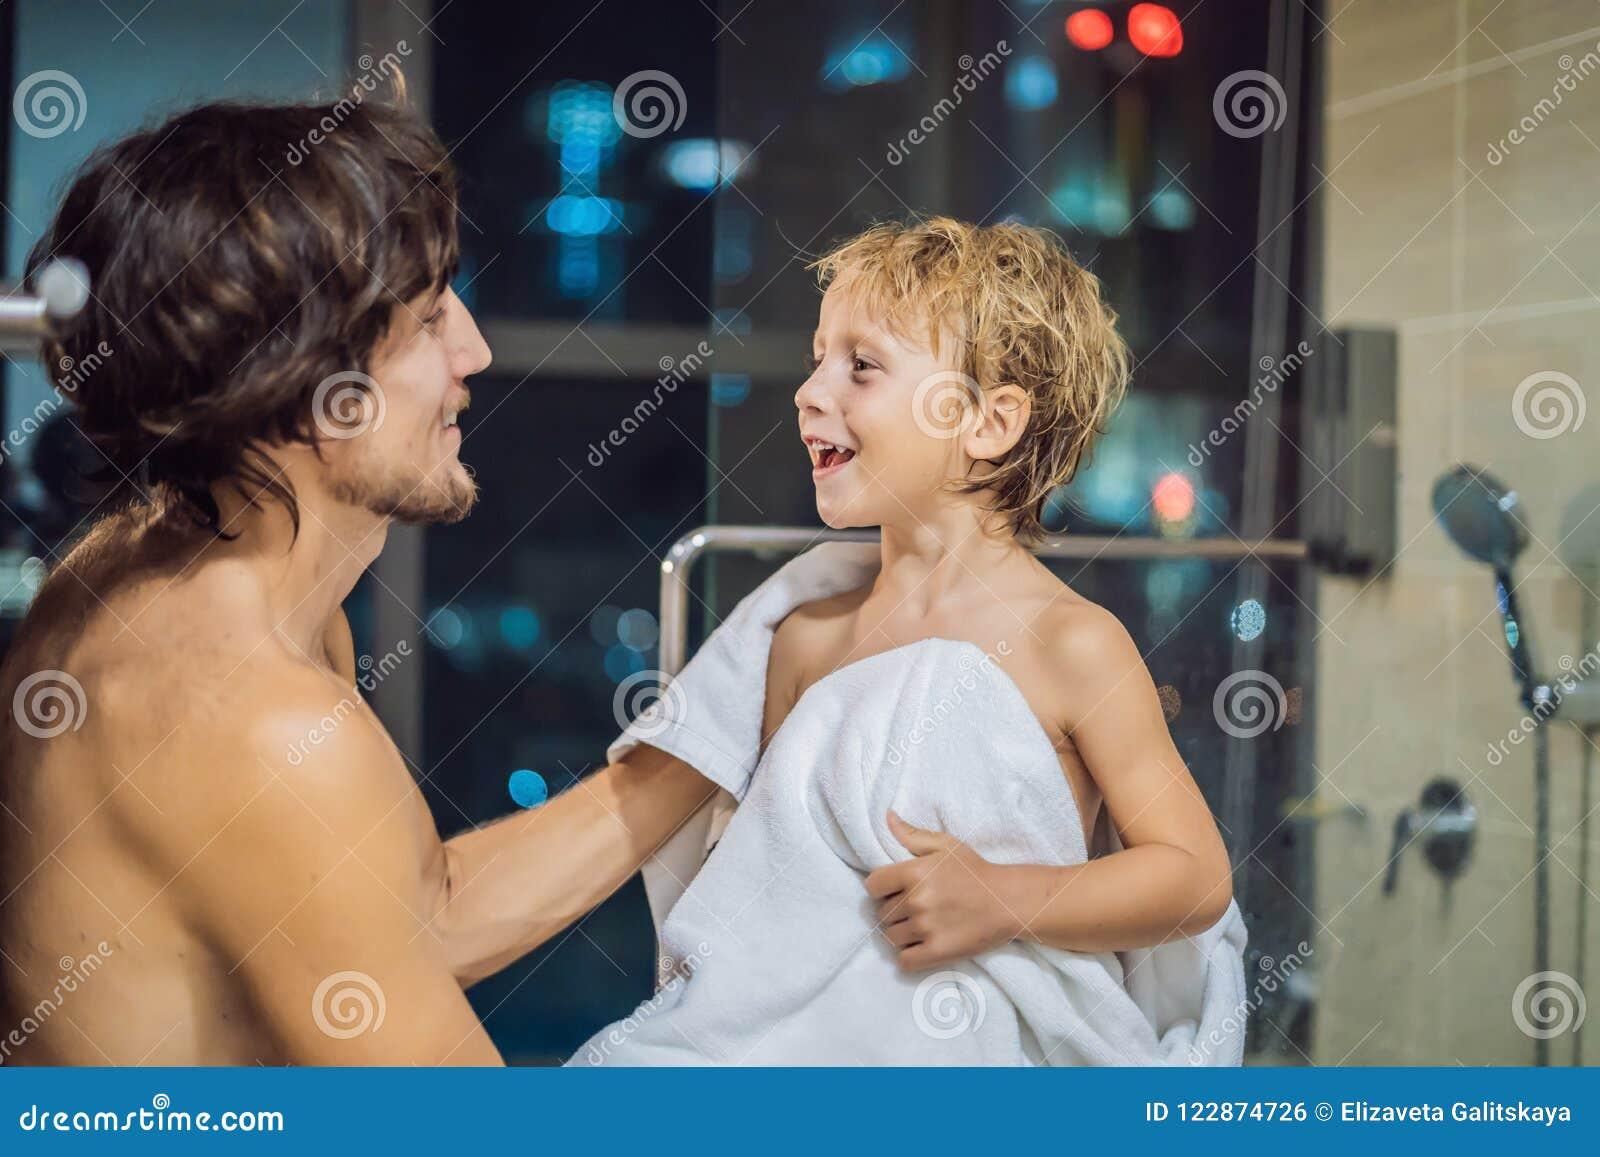 O paizinho limpa seu filho com uma toalha após um chuveiro na noite antes de ir dormir no fundo de uma janela com um panorâmico